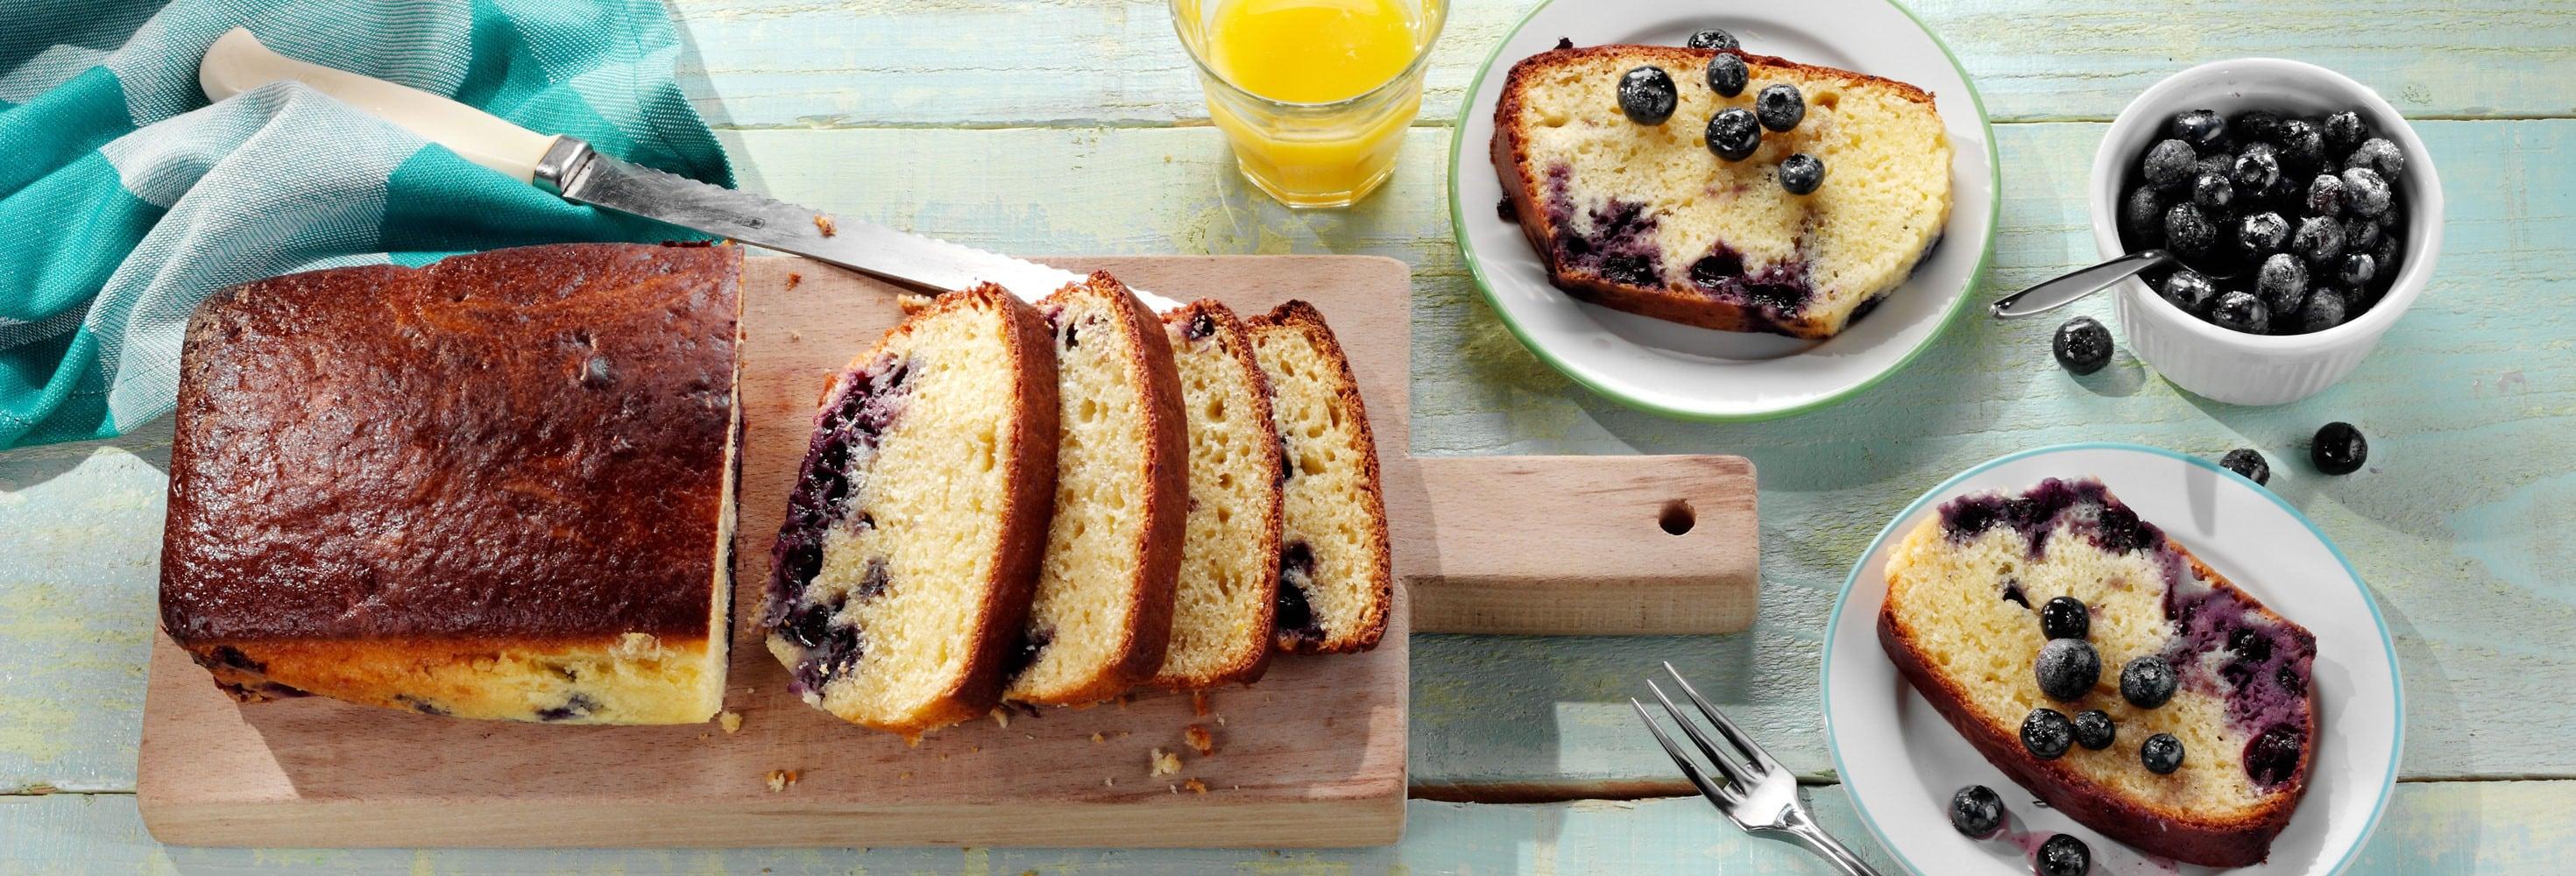 Cake met plattekaas en blauwe bessen